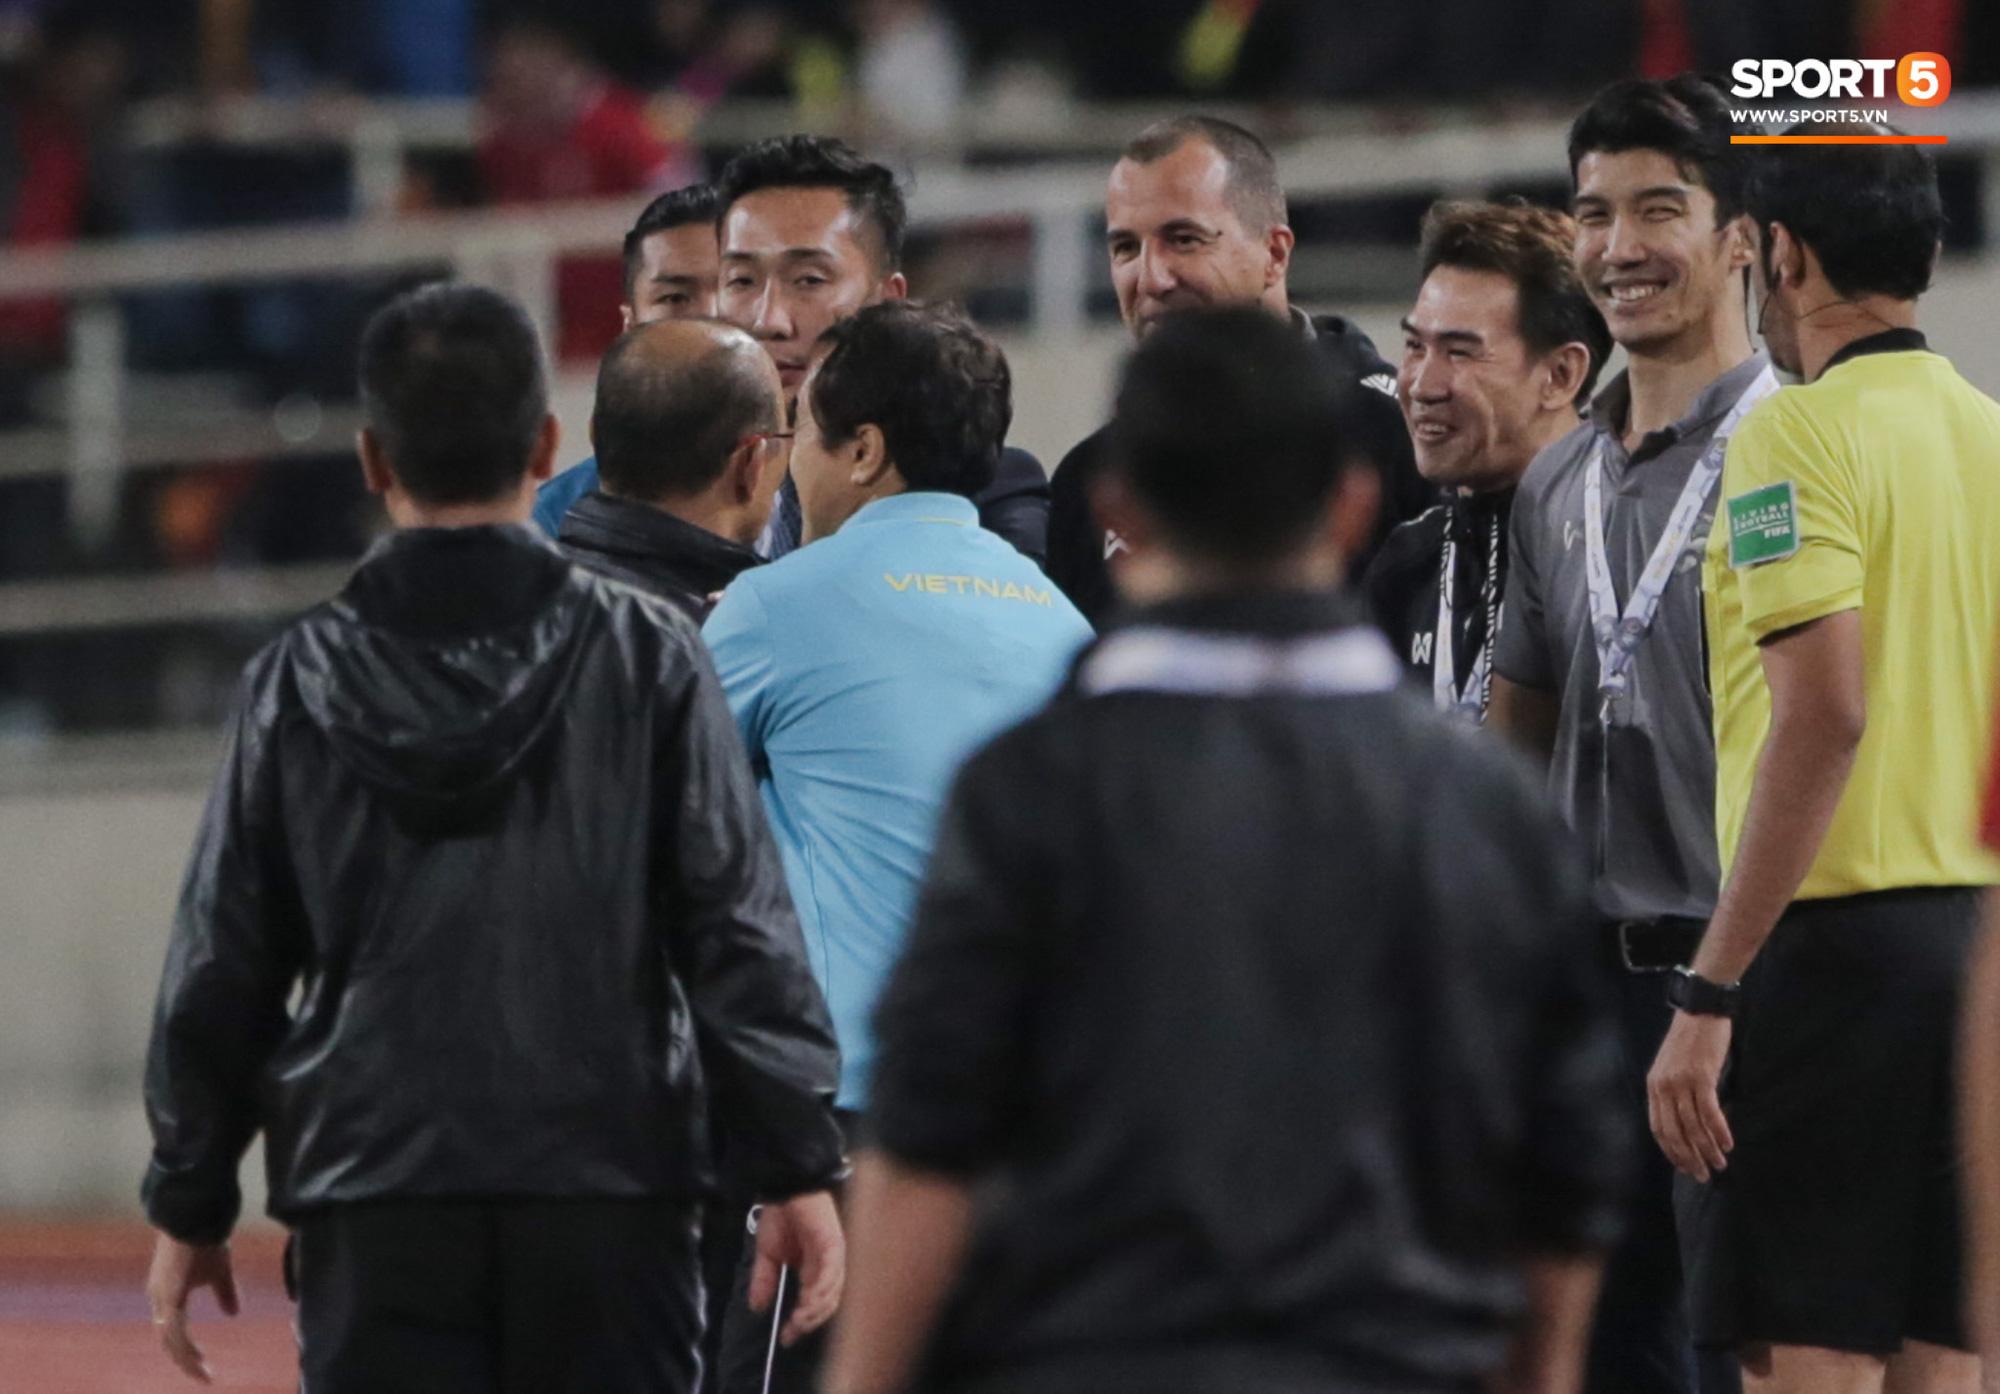 Màn cà khịa của ông Todic khiến HLV Park Hang-seo nổi giận. Ảnh: Sport5.